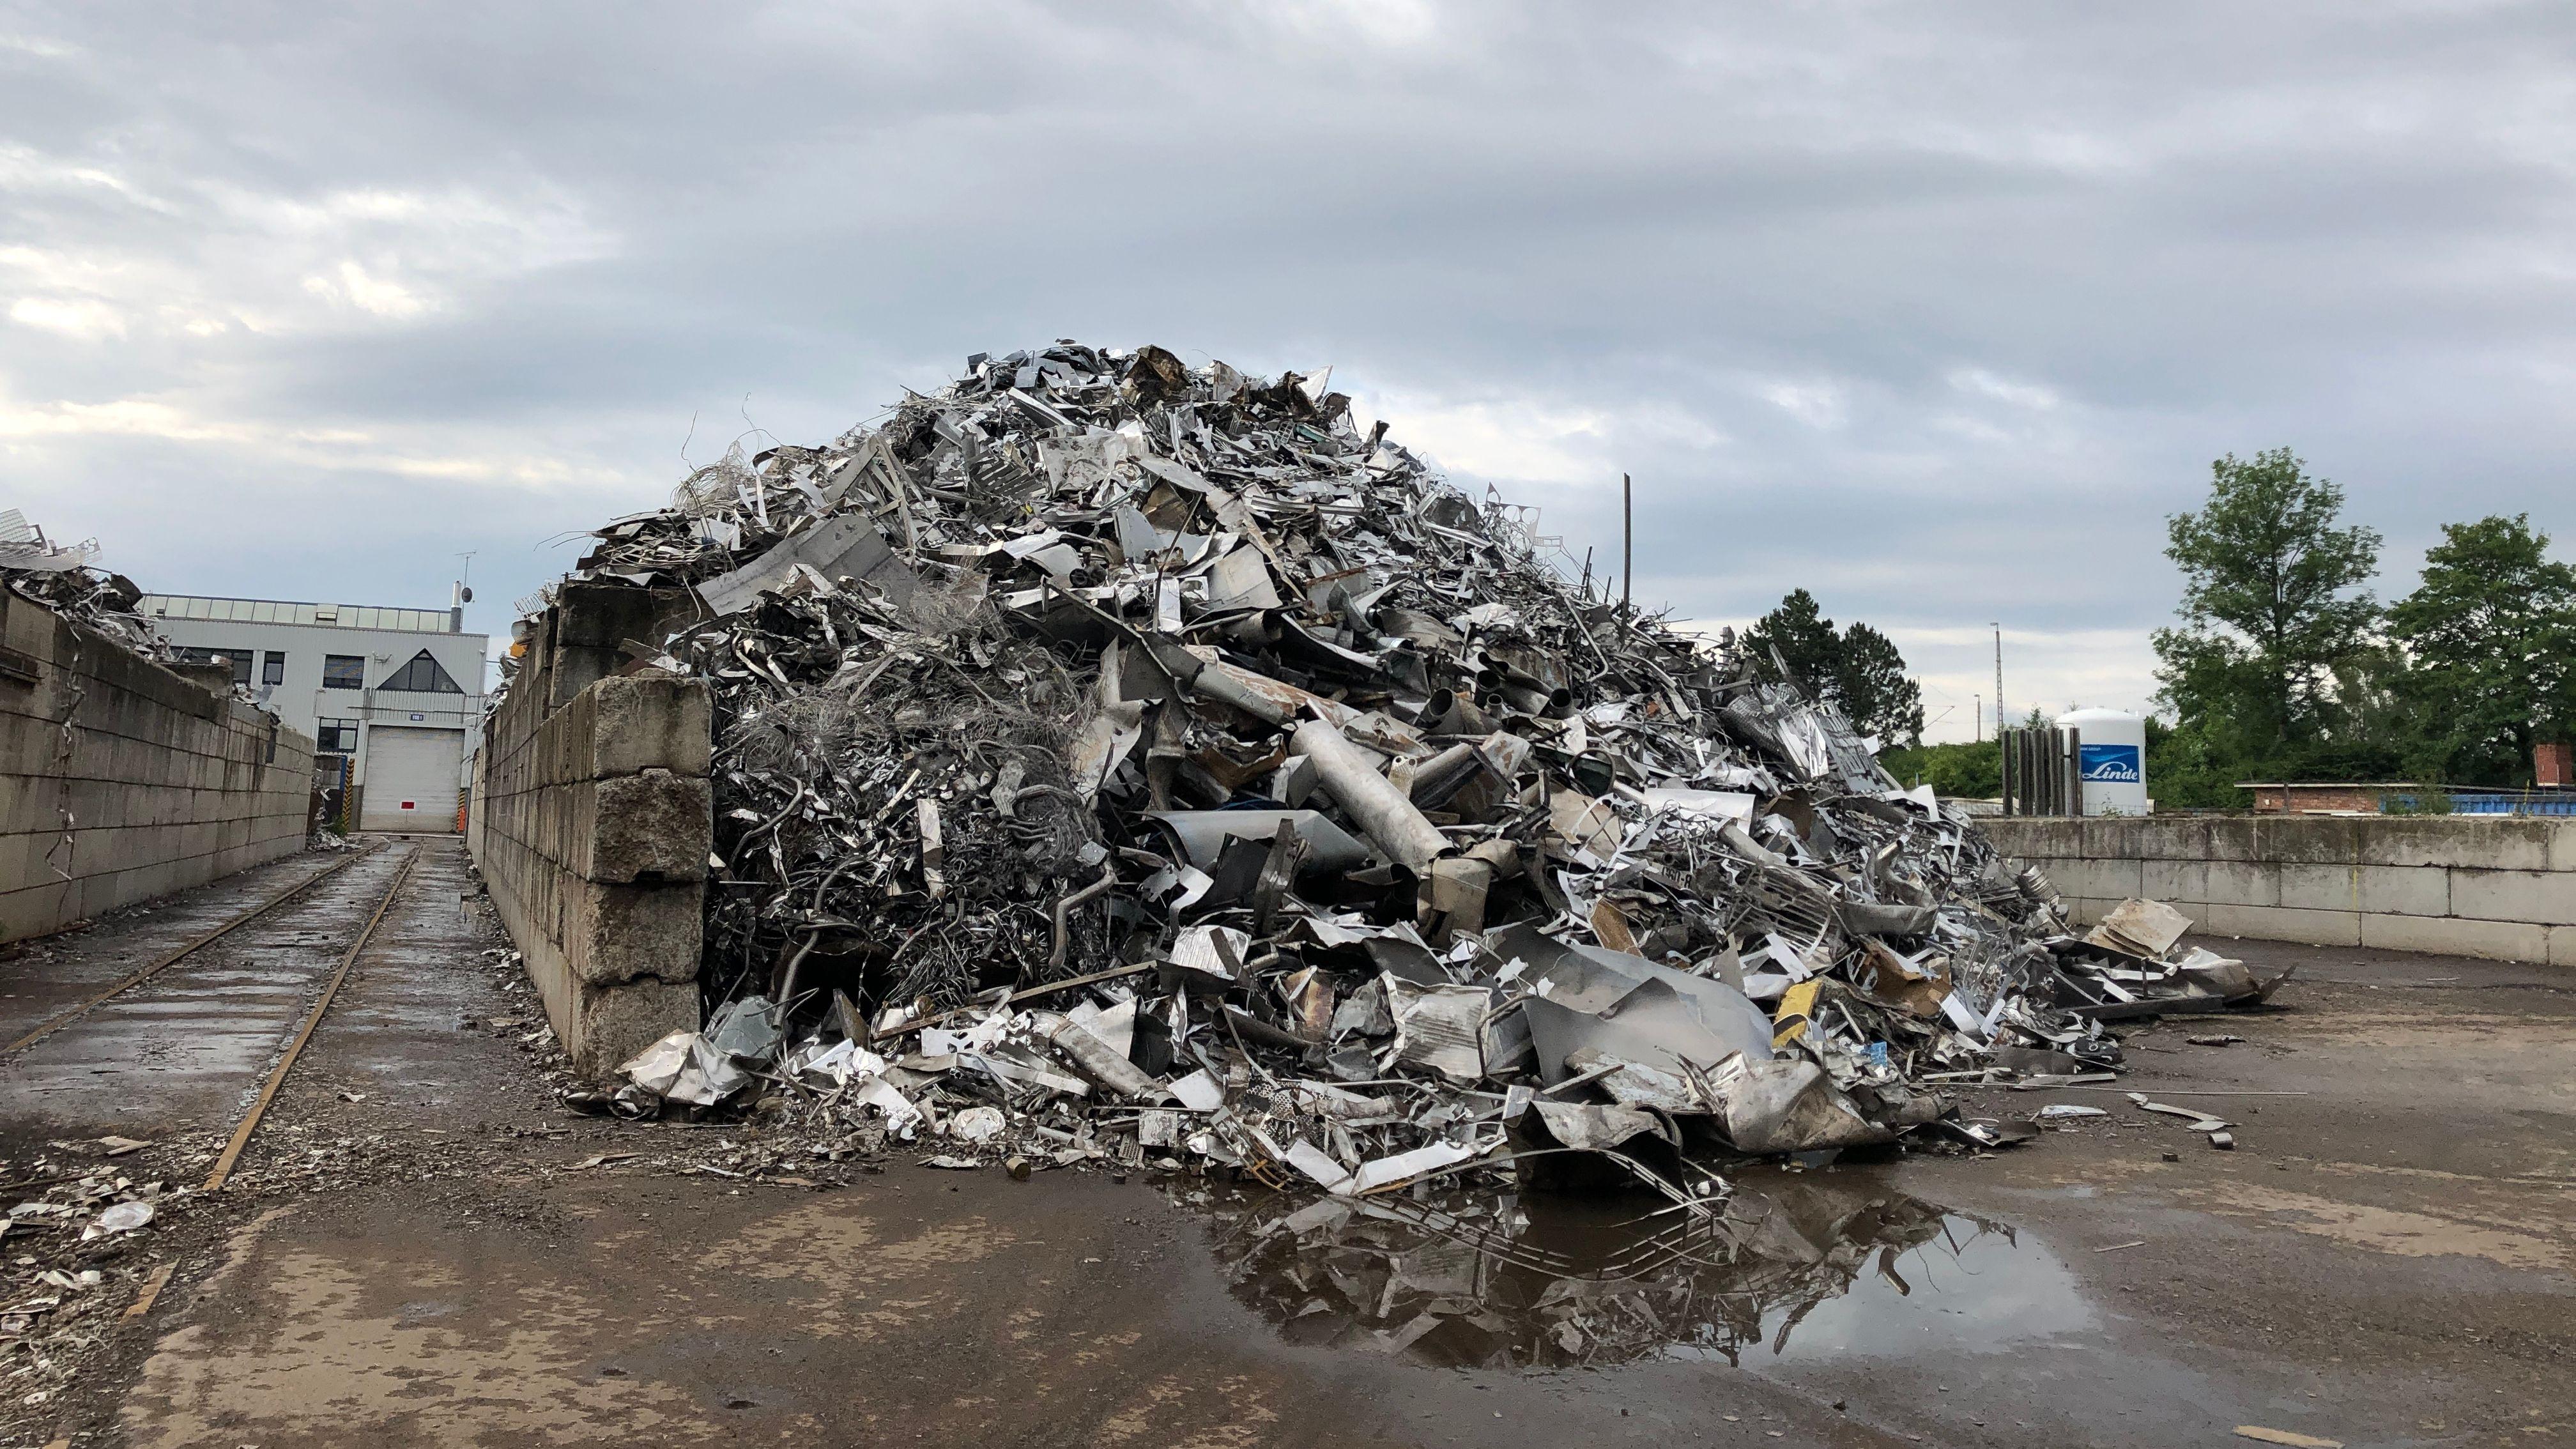 Schrottberg in Recyclinghof in München-Aubing nach dem Brand